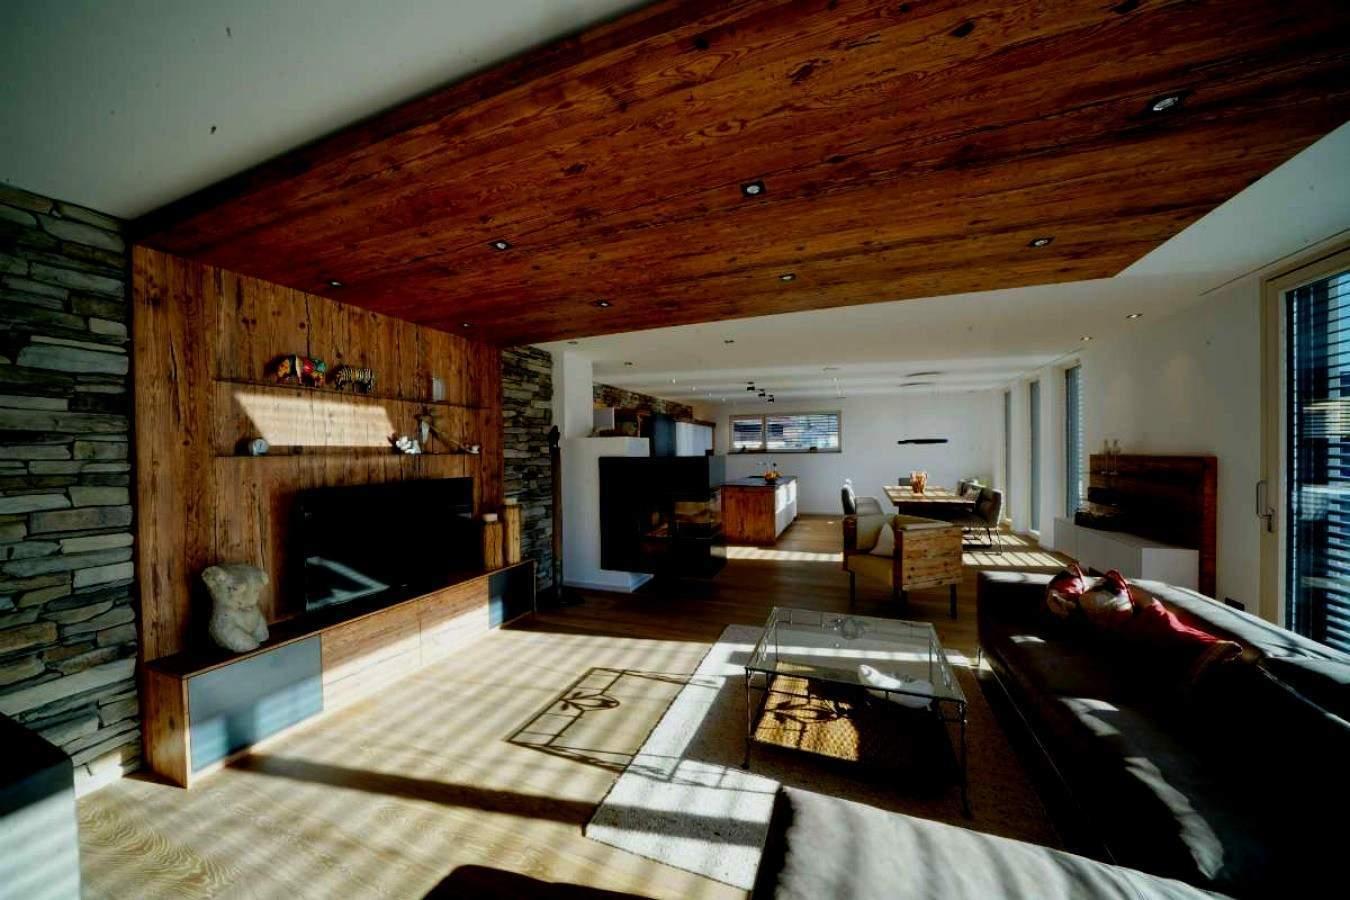 Full Size of Bilder Wohnzimmer Natur Deckenlampe Led Beleuchtung Teppich Relaxliege Vorhang Deckenleuchten Pendelleuchte Sofa Kleines Vorhänge Wandtattoos Deckenleuchte Wohnzimmer Bilder Wohnzimmer Natur